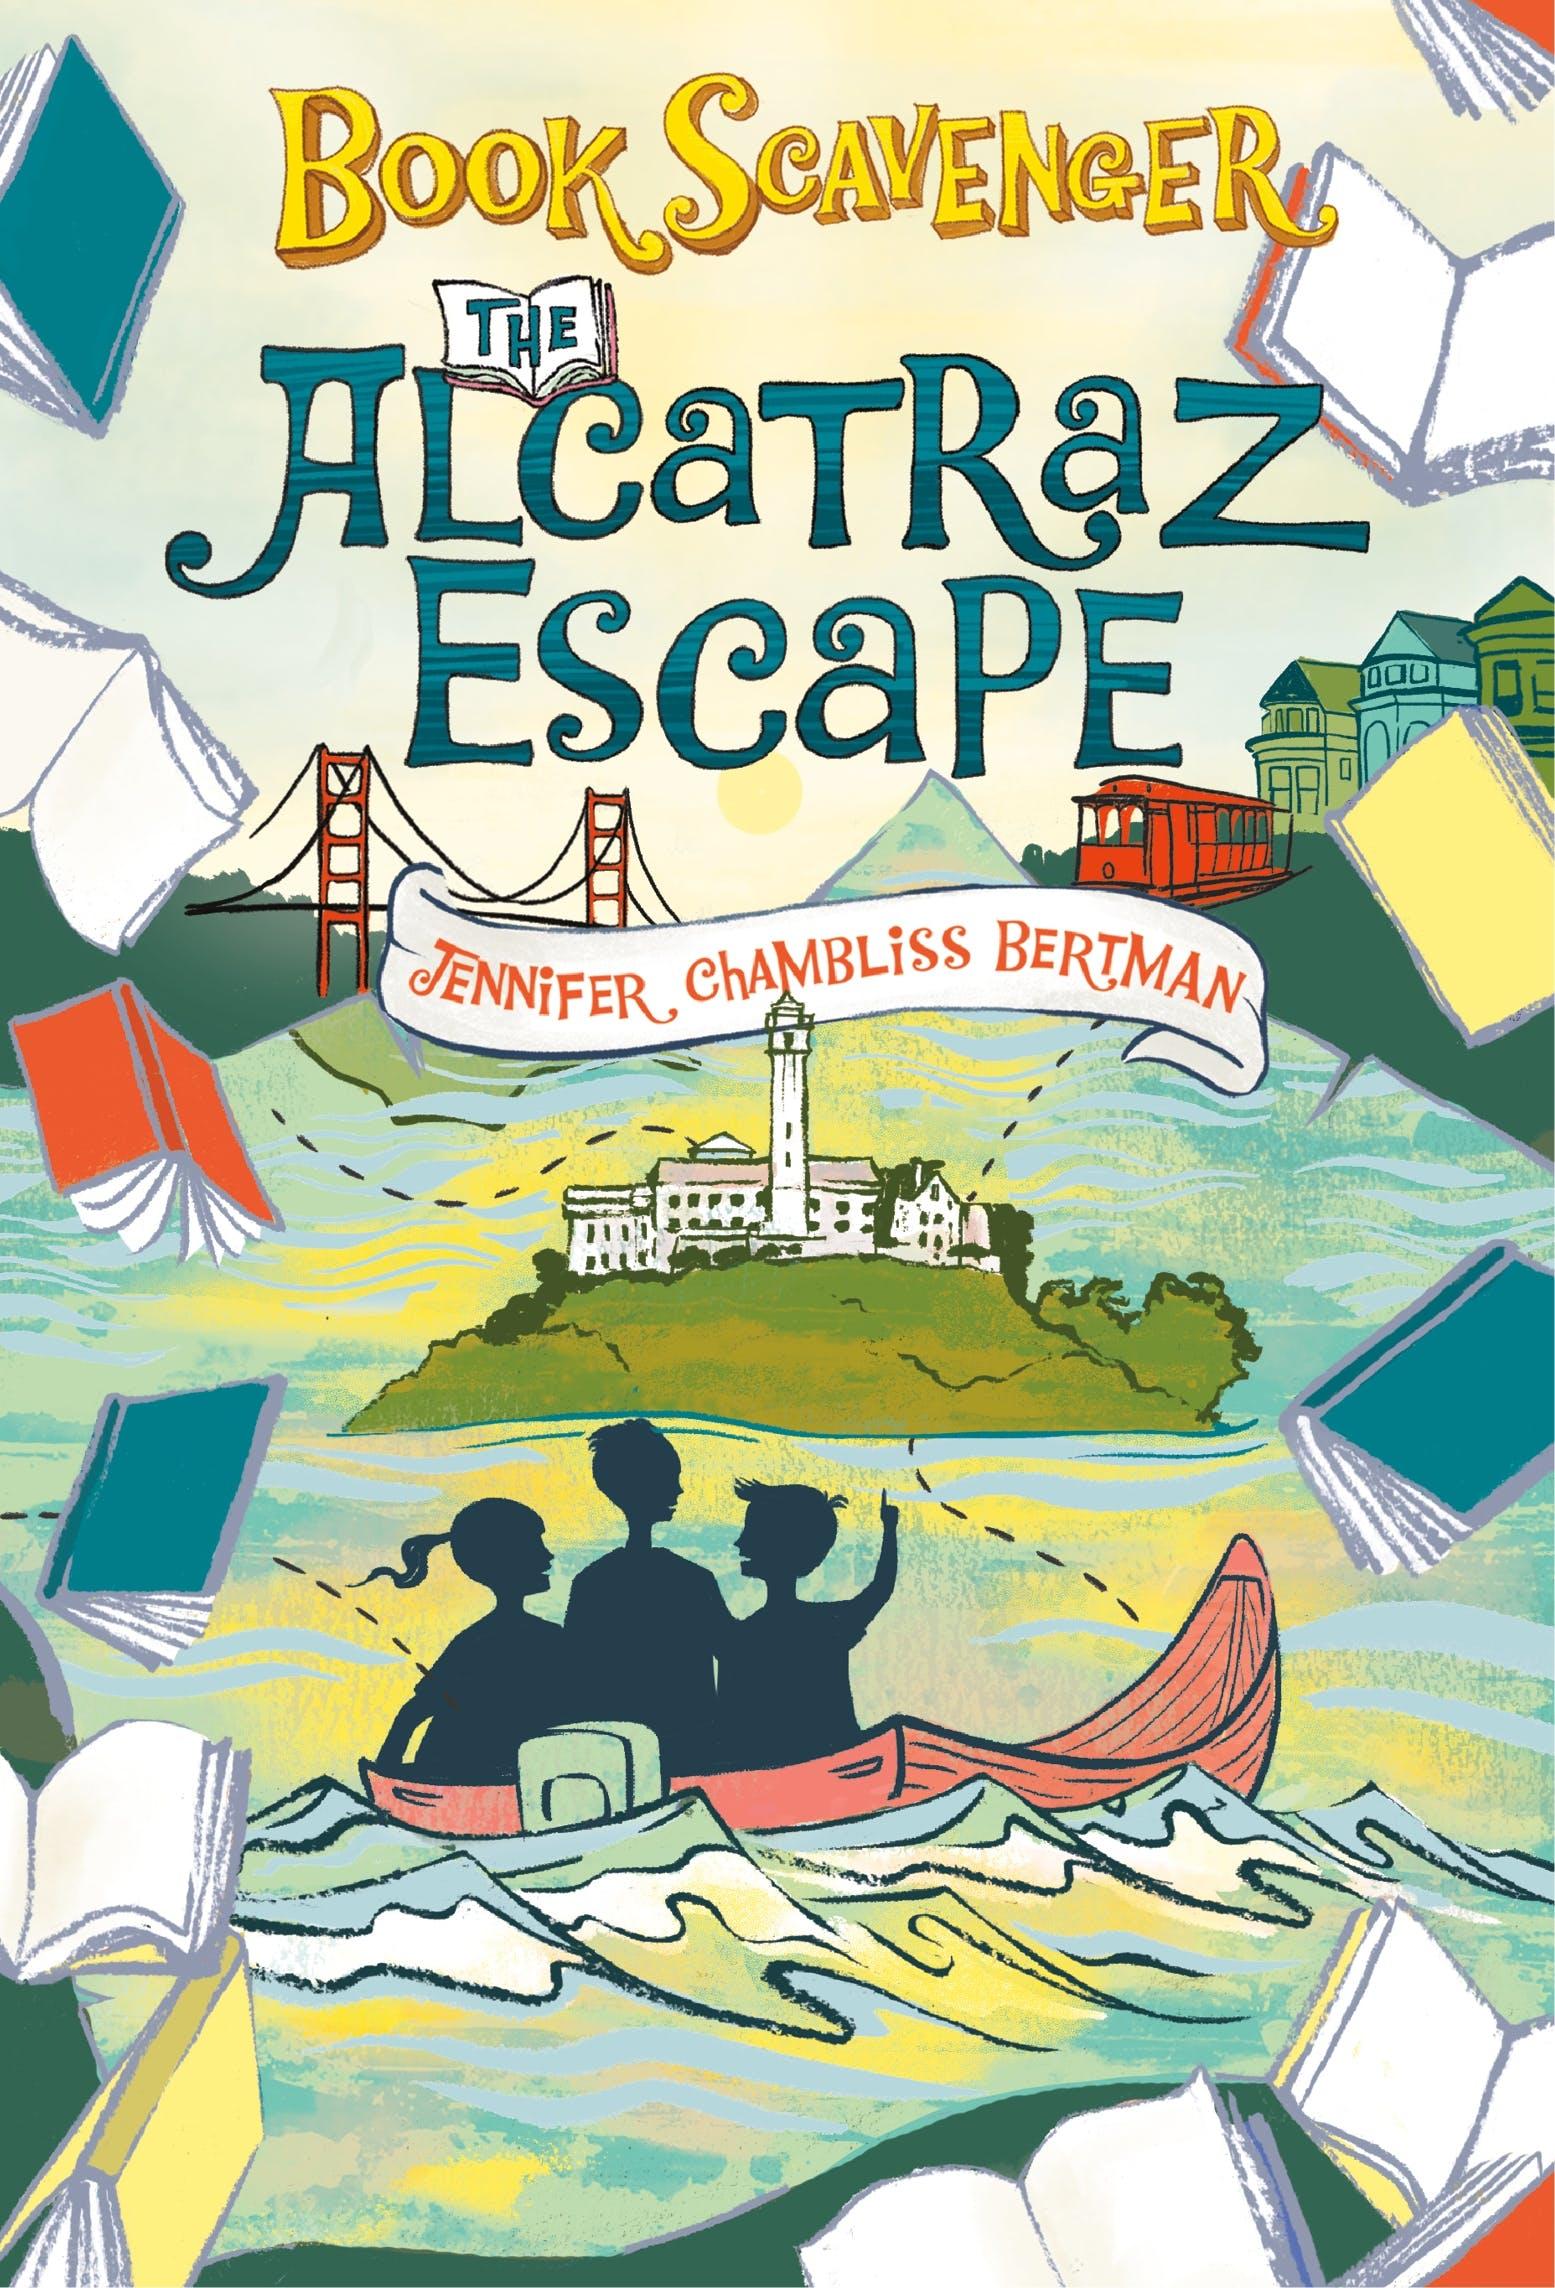 Image of The Alcatraz Escape